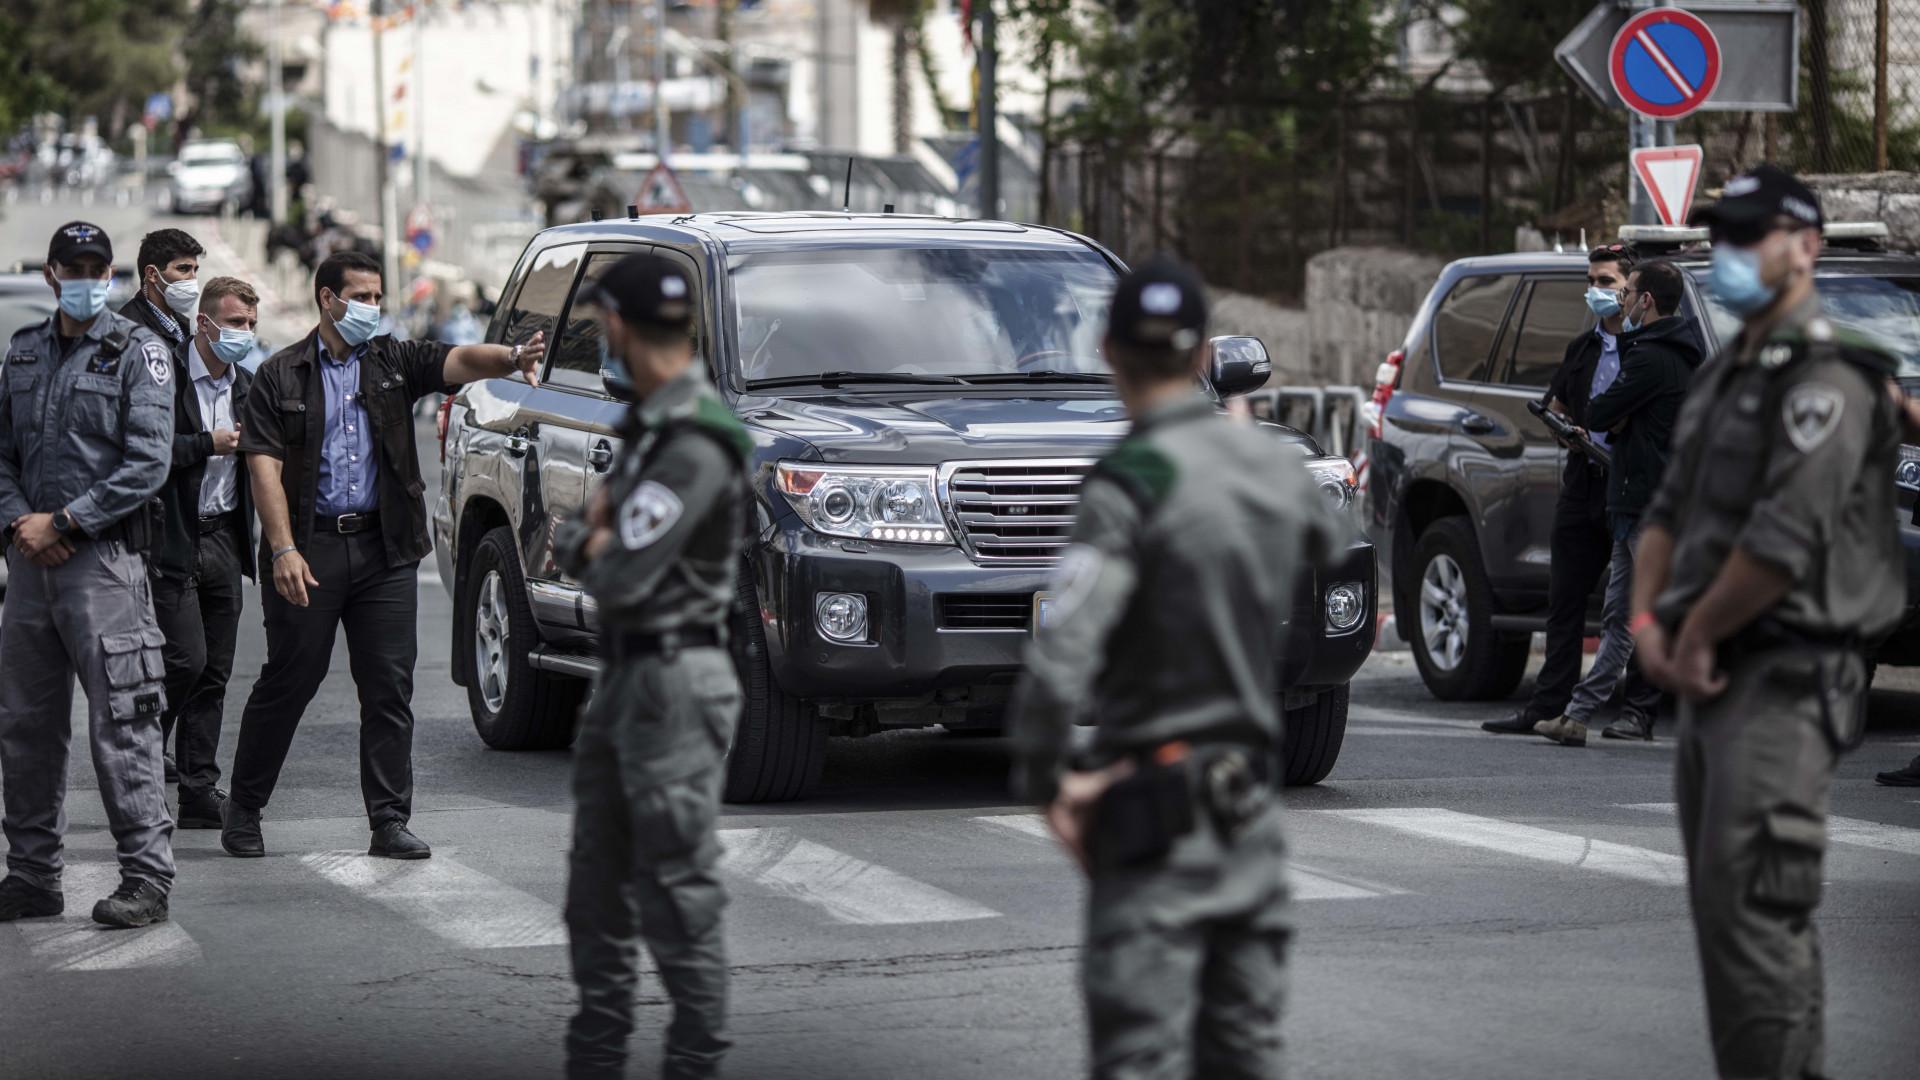 Alakul az új közel-keleti felállás – Izraeli-szaúdi front jöhet létre Irán elszigetelésére